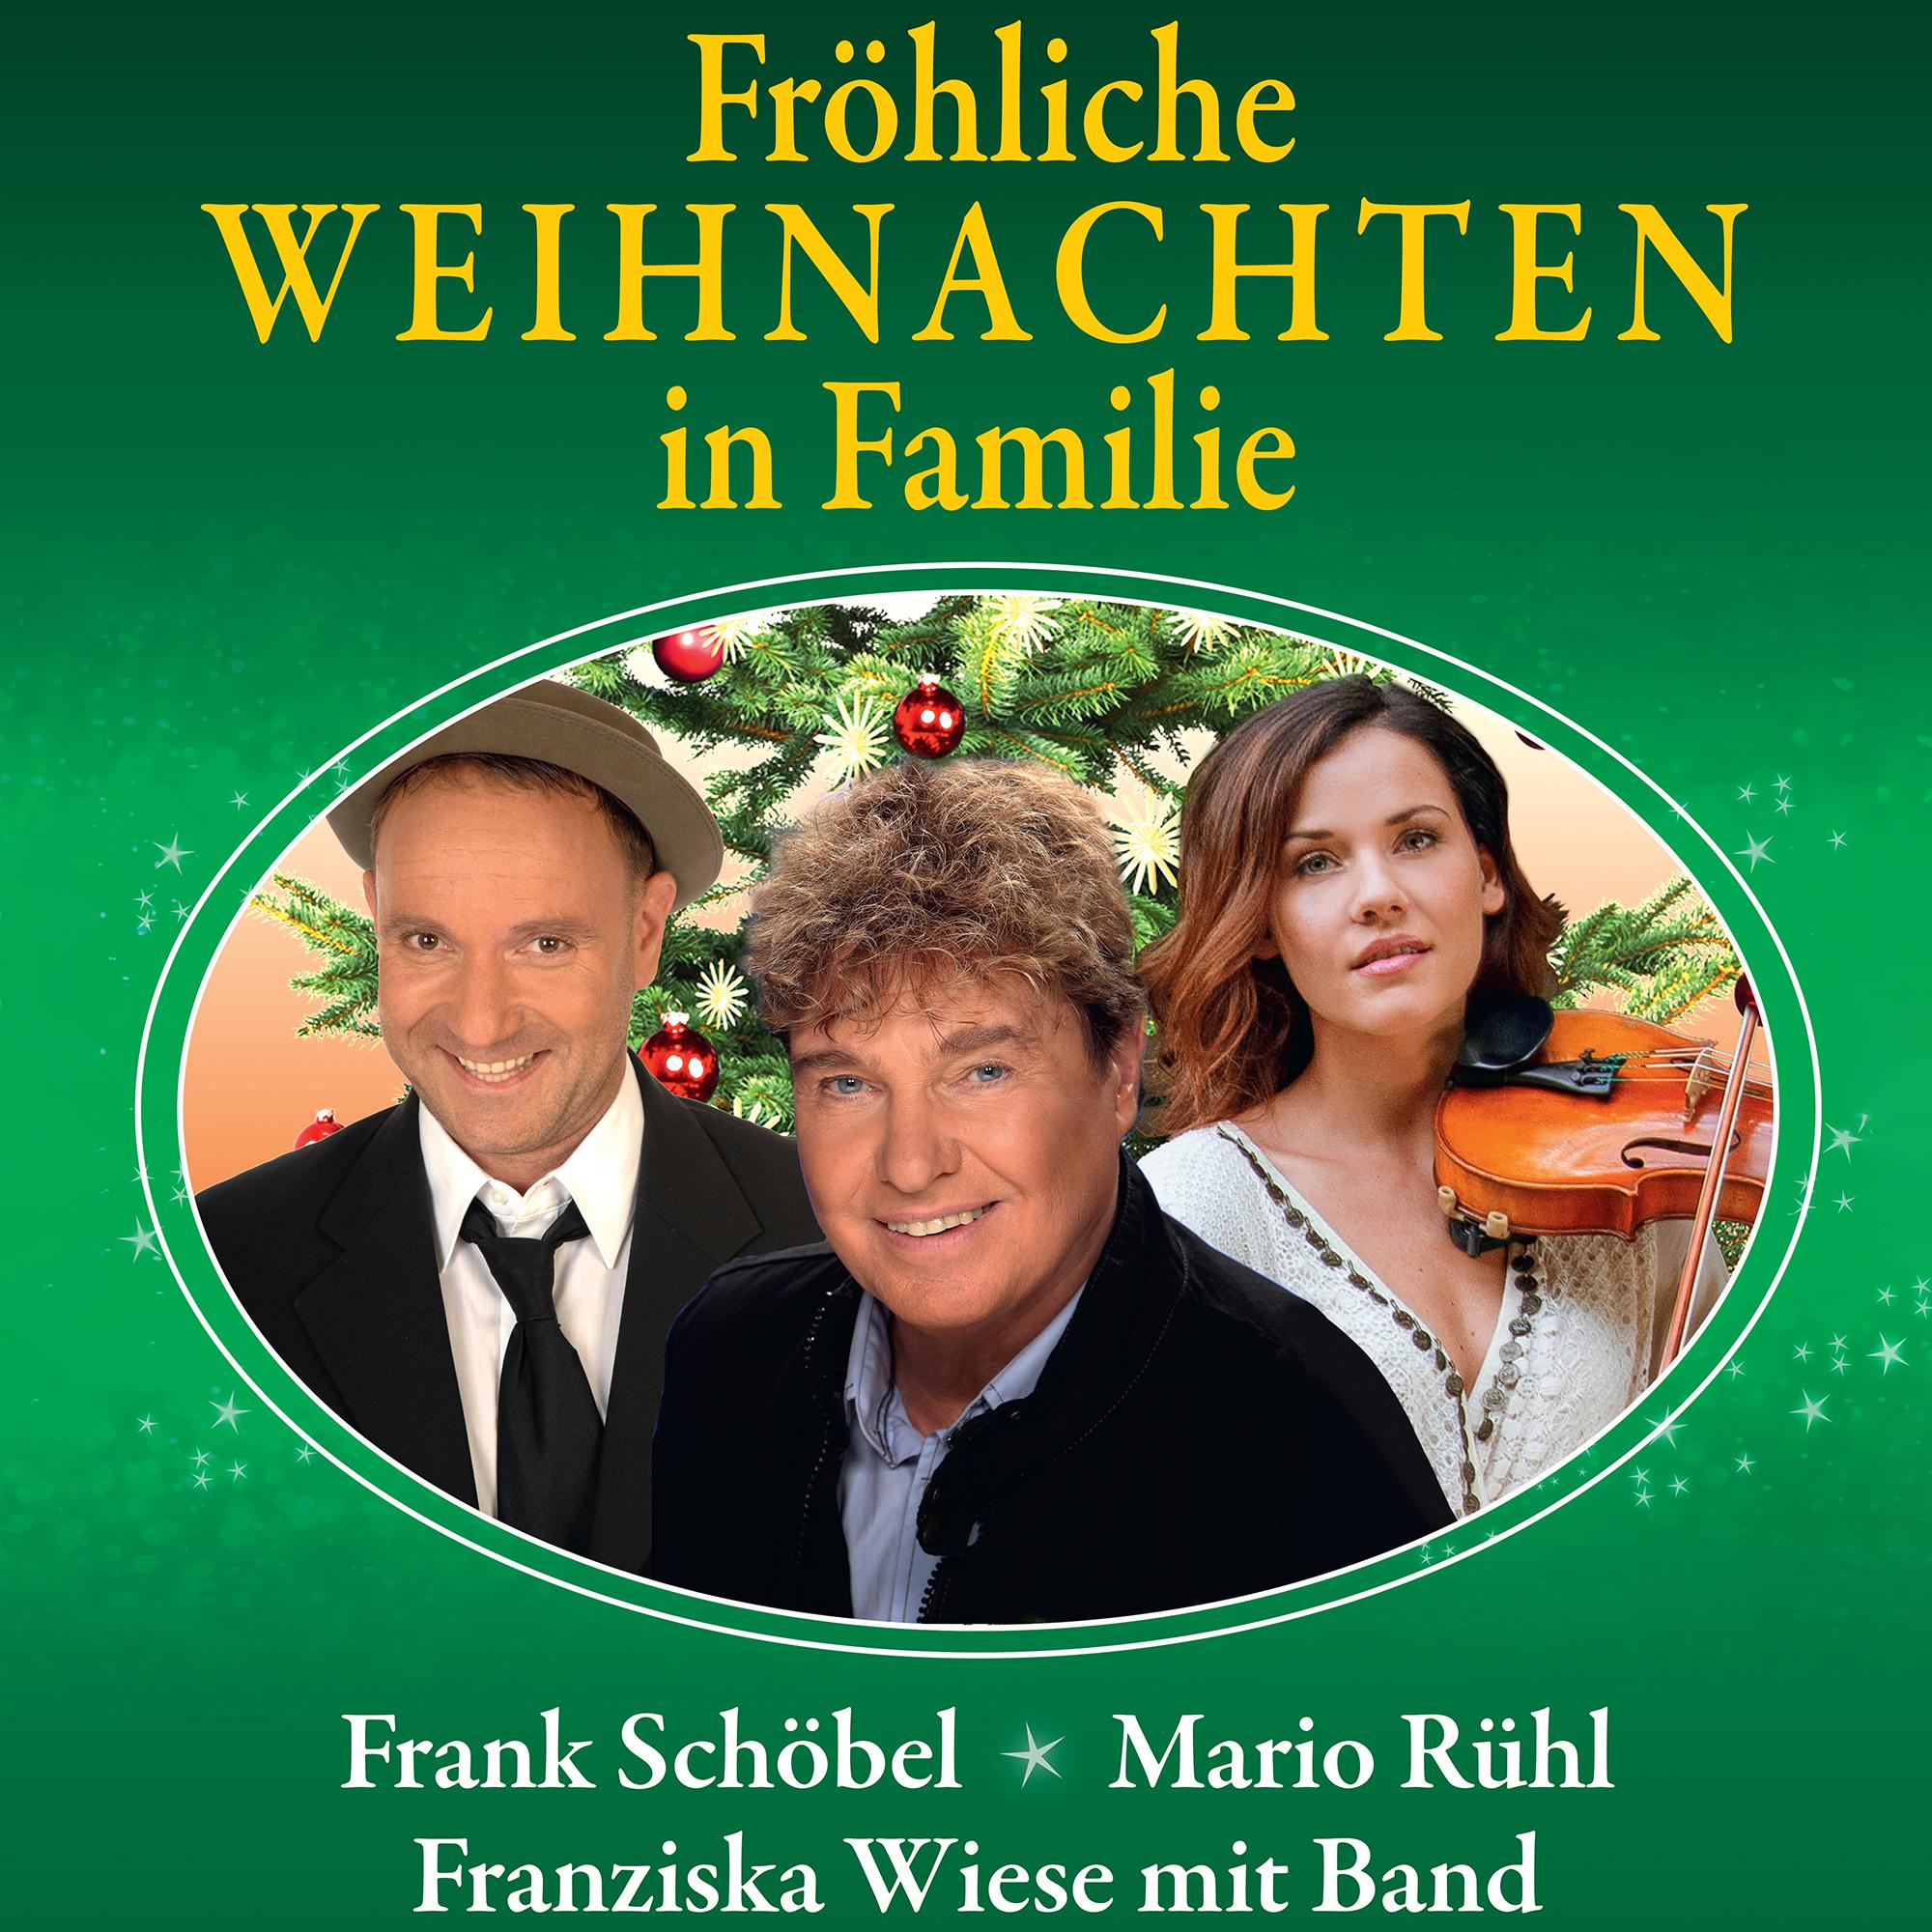 fröhliche weihnachten in familie | volksmusik / schlager